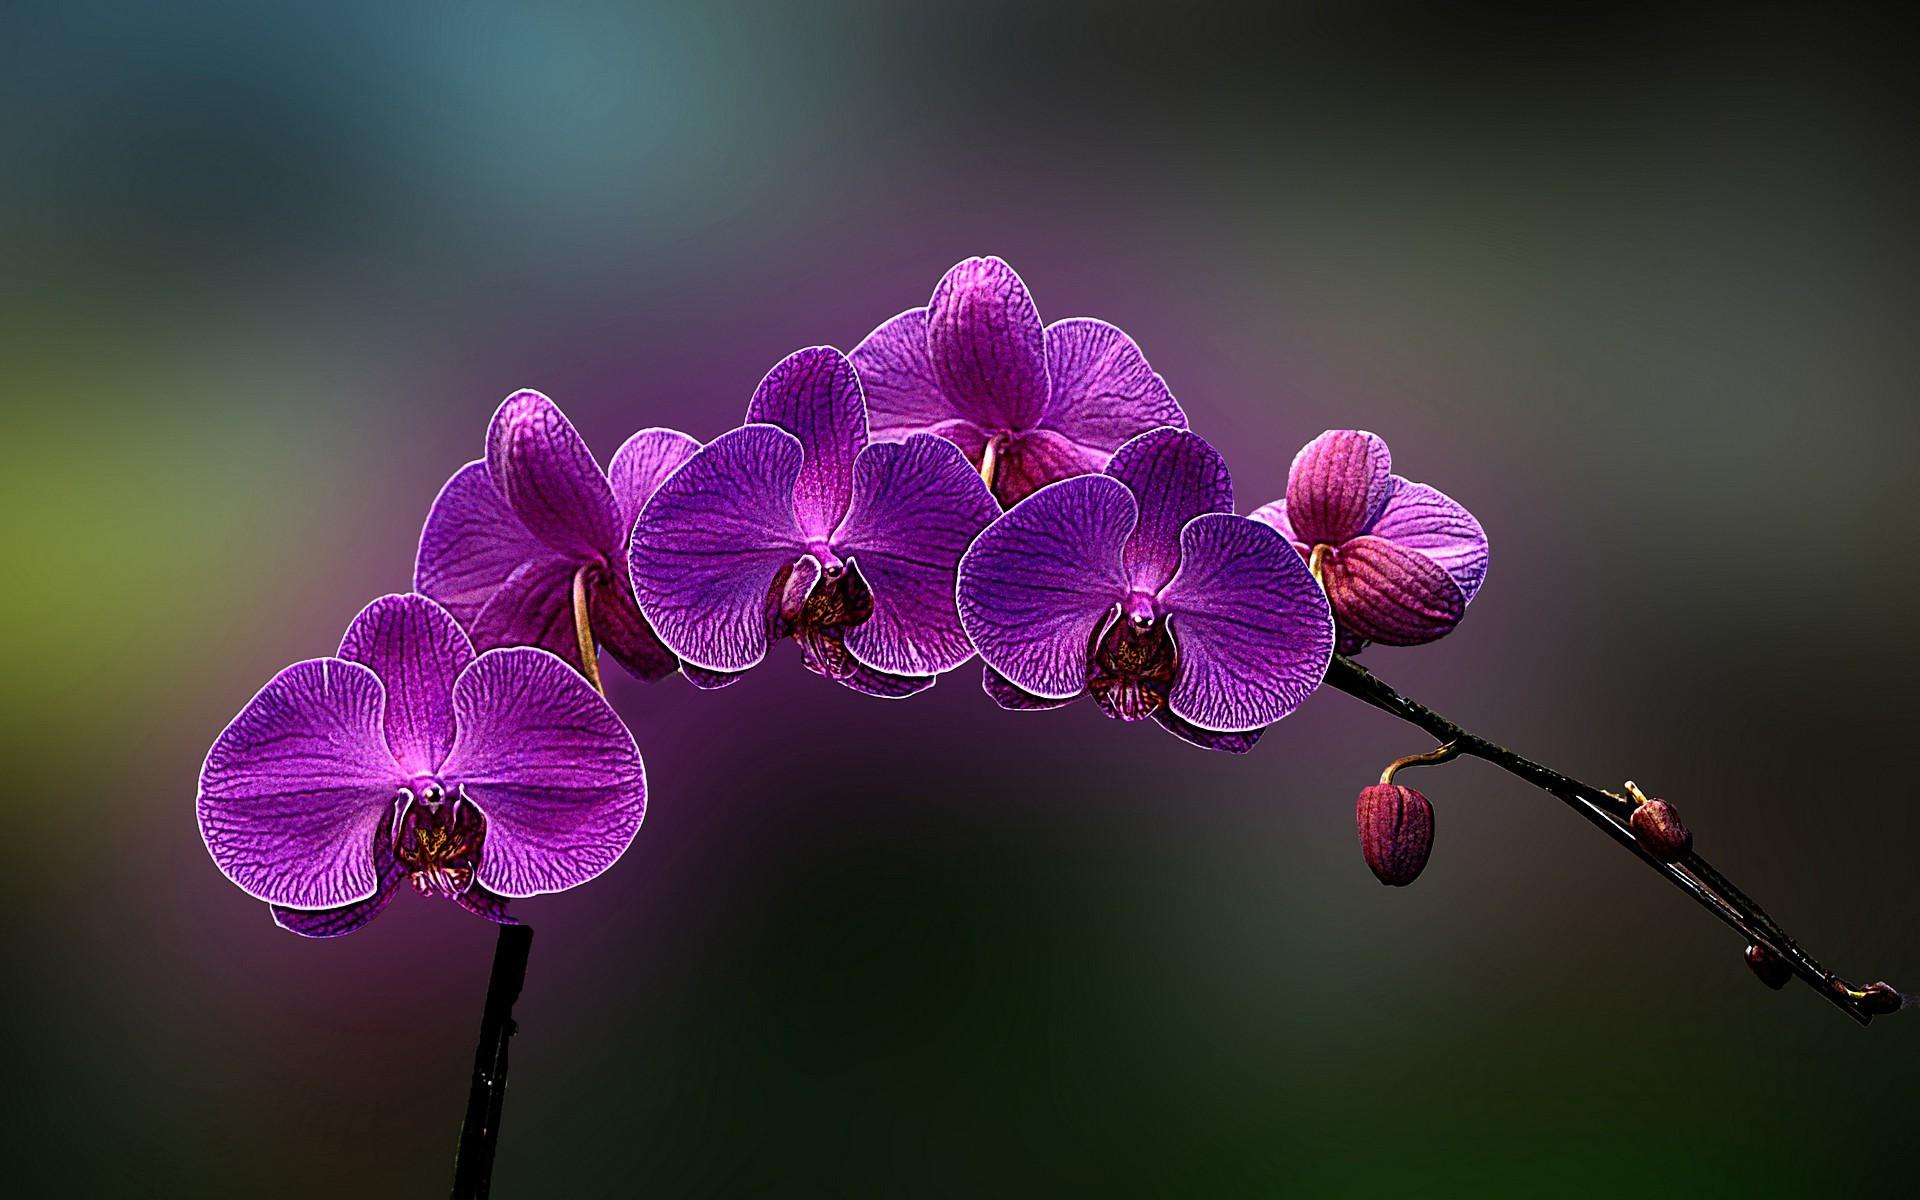 Красивые обои на рабочий стол 3d скачать бесплатно орхидеи